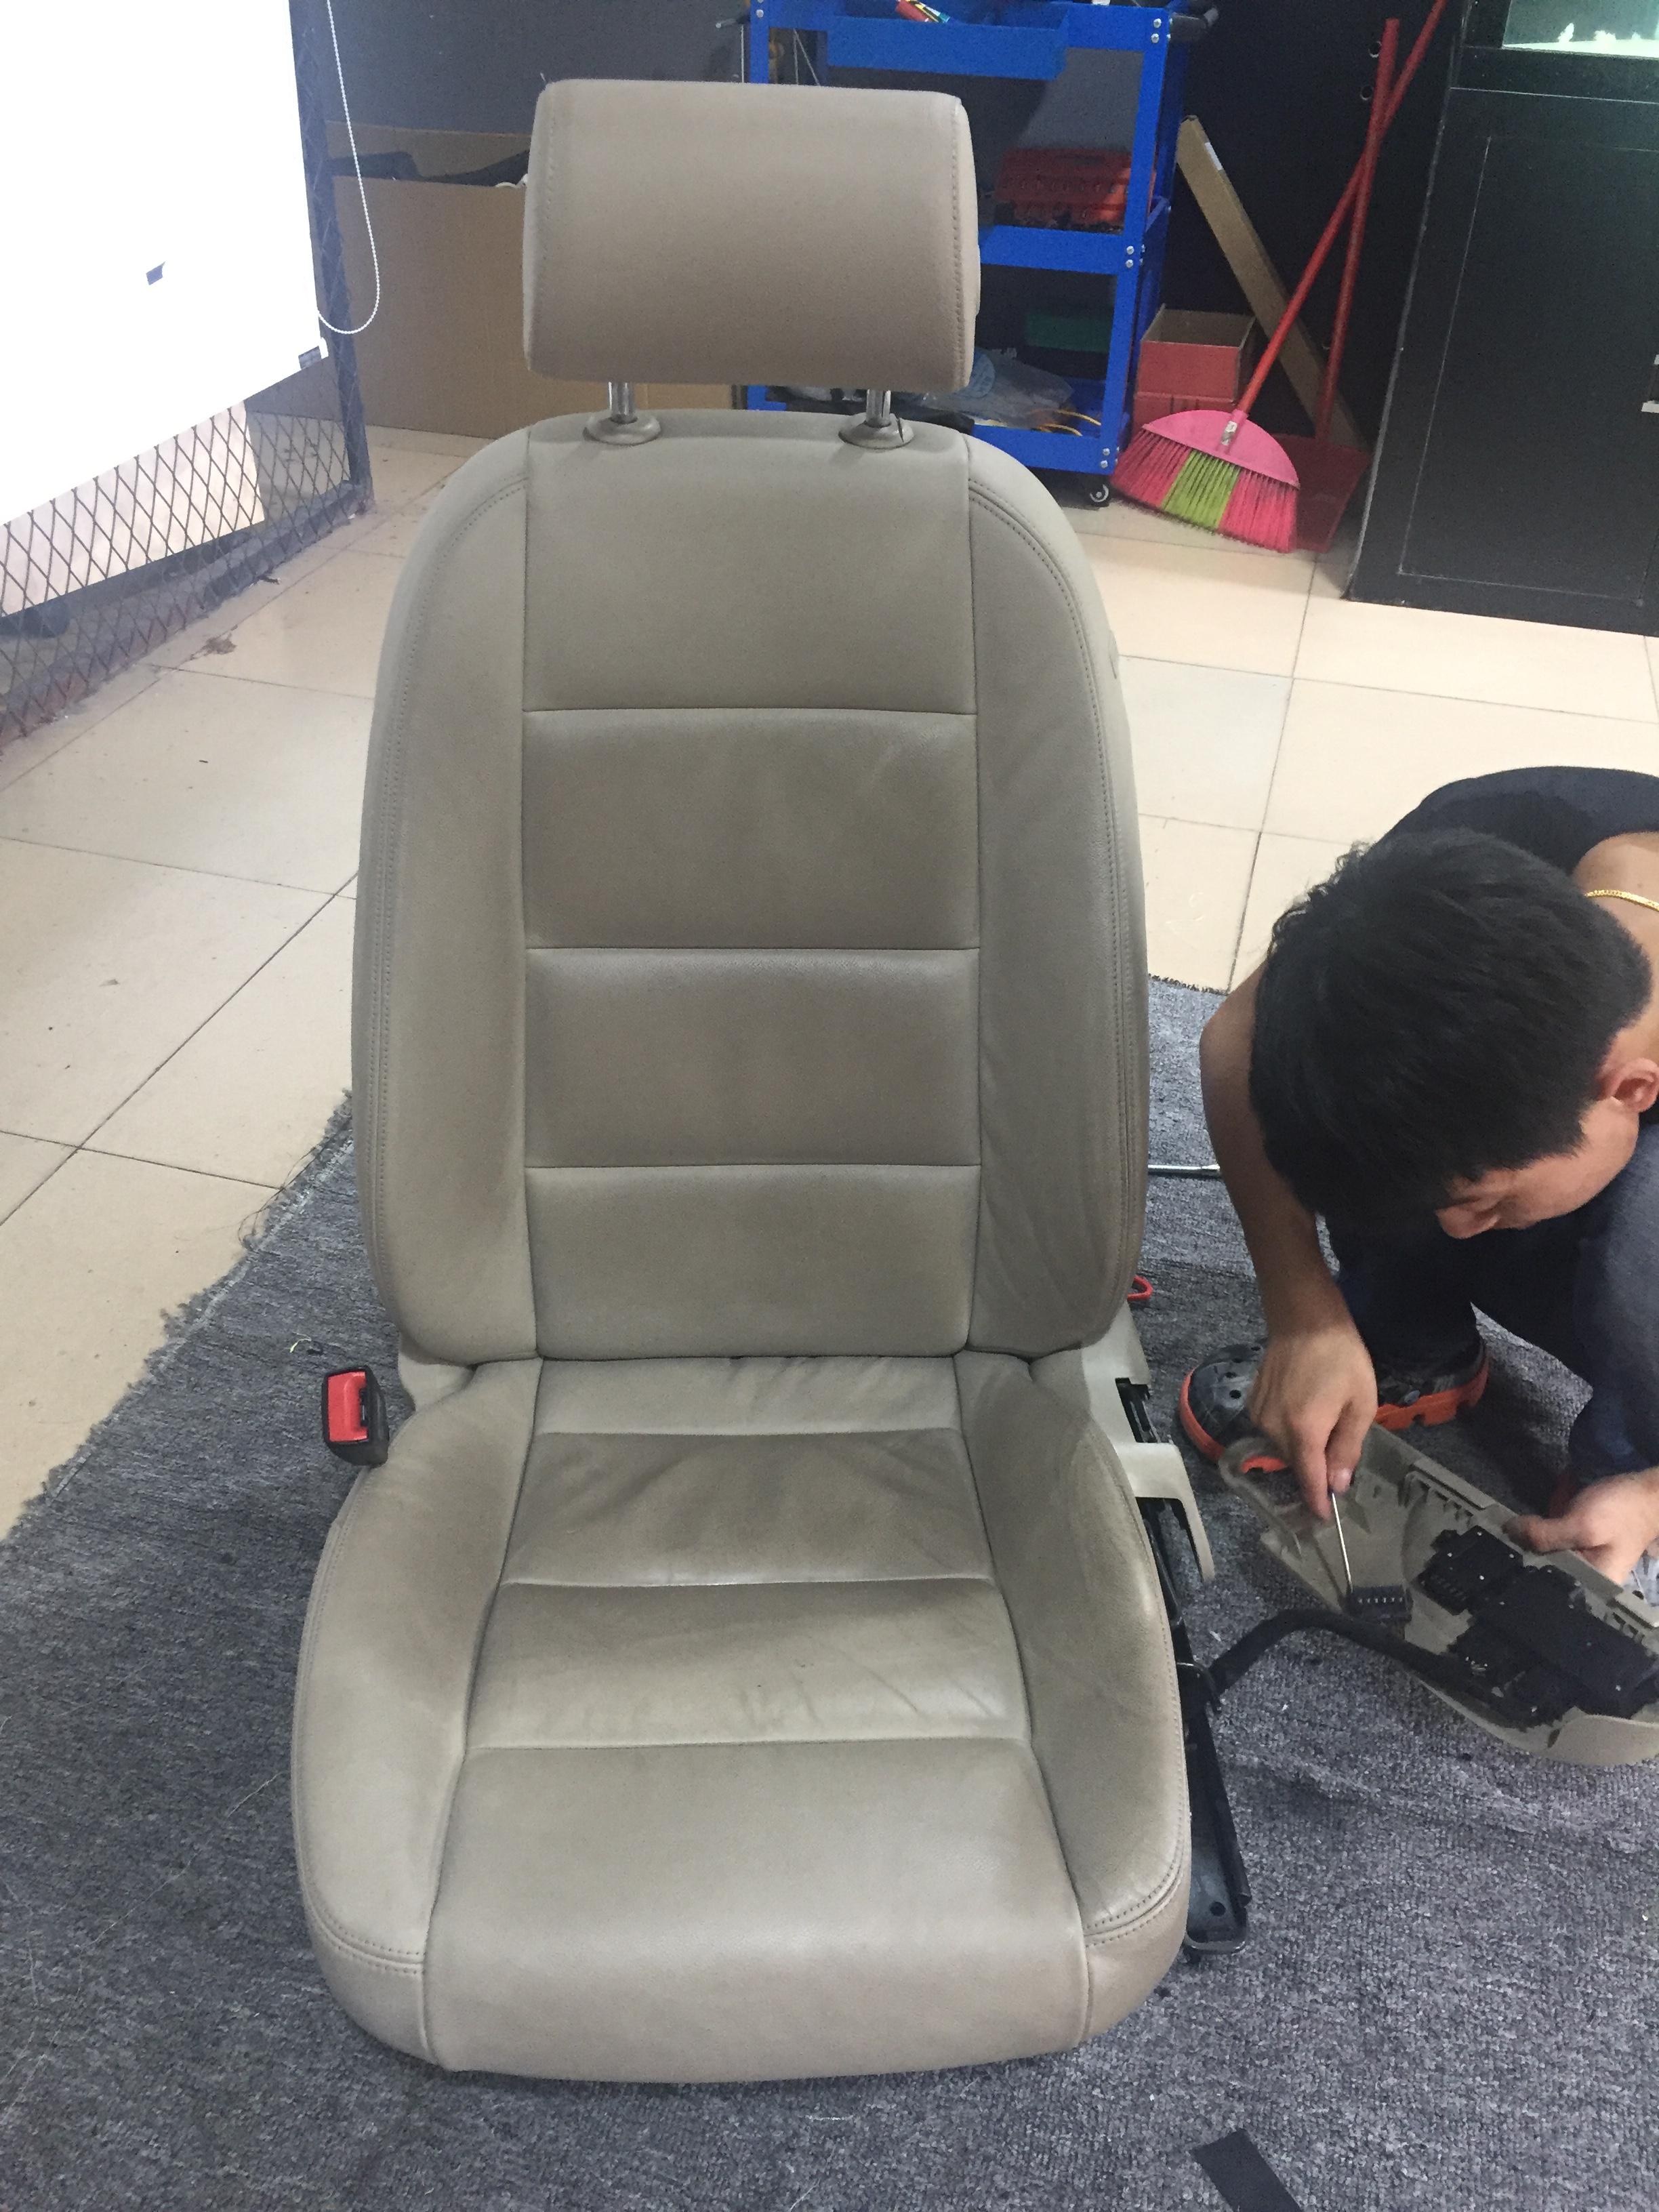 东莞专业改座椅通风,座椅通风升级